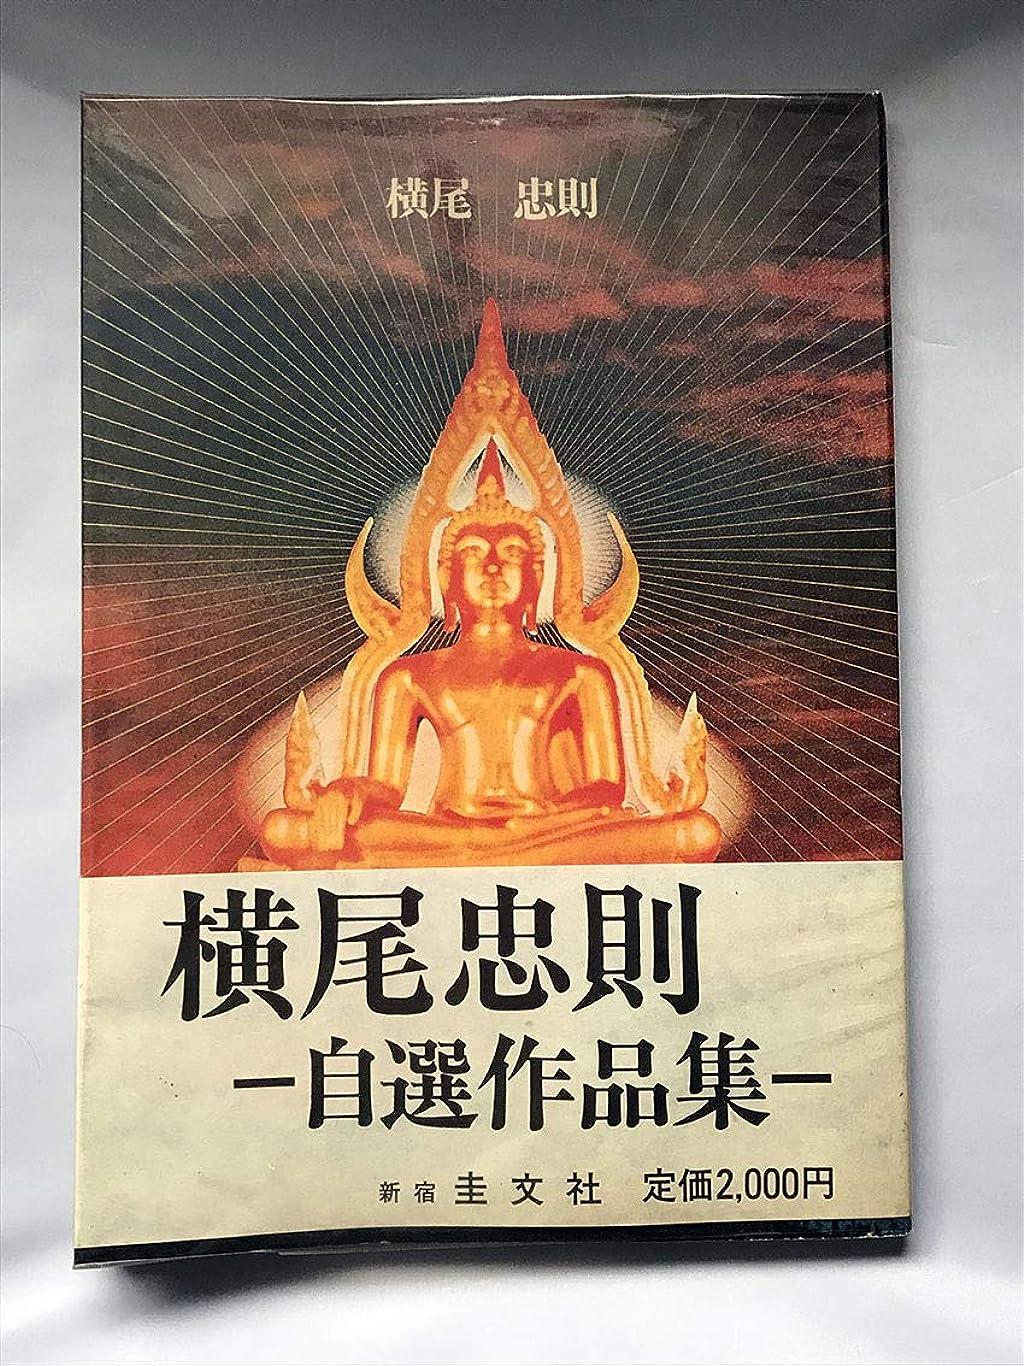 読みやすいしみなめらか初版本 Yokoo Tadanori 横尾忠則自選作品集 1977年 序文谷内六郎 帯付き ビニールカバー付